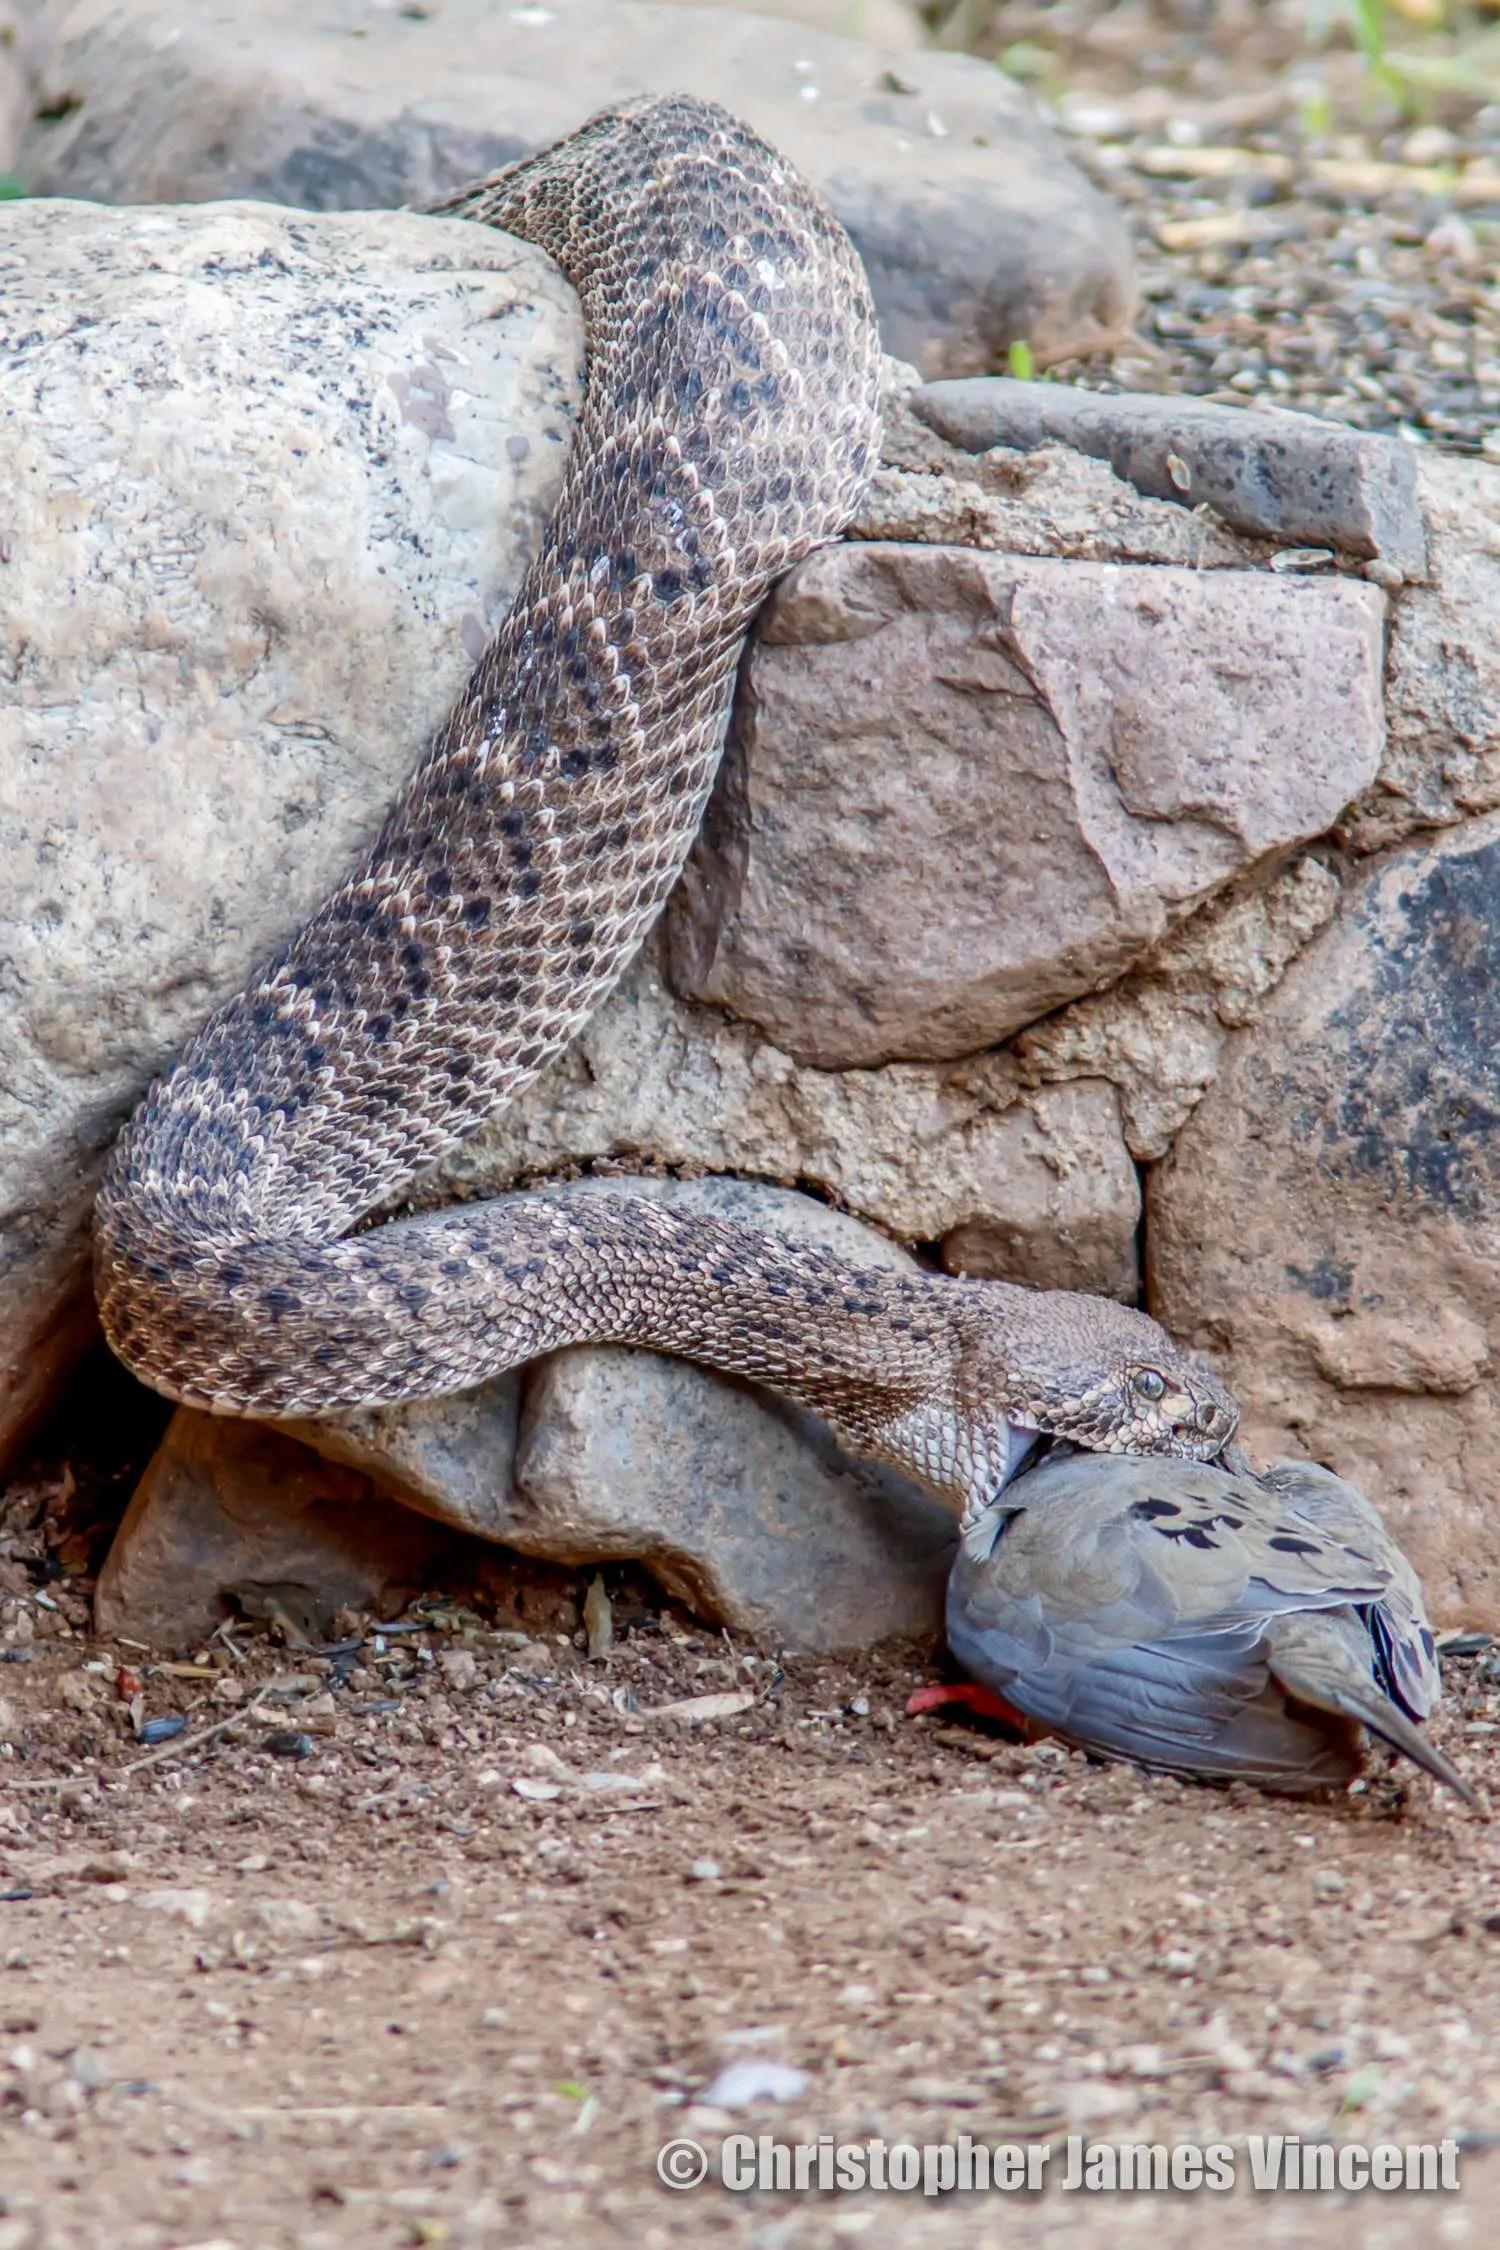 Snake having dinner